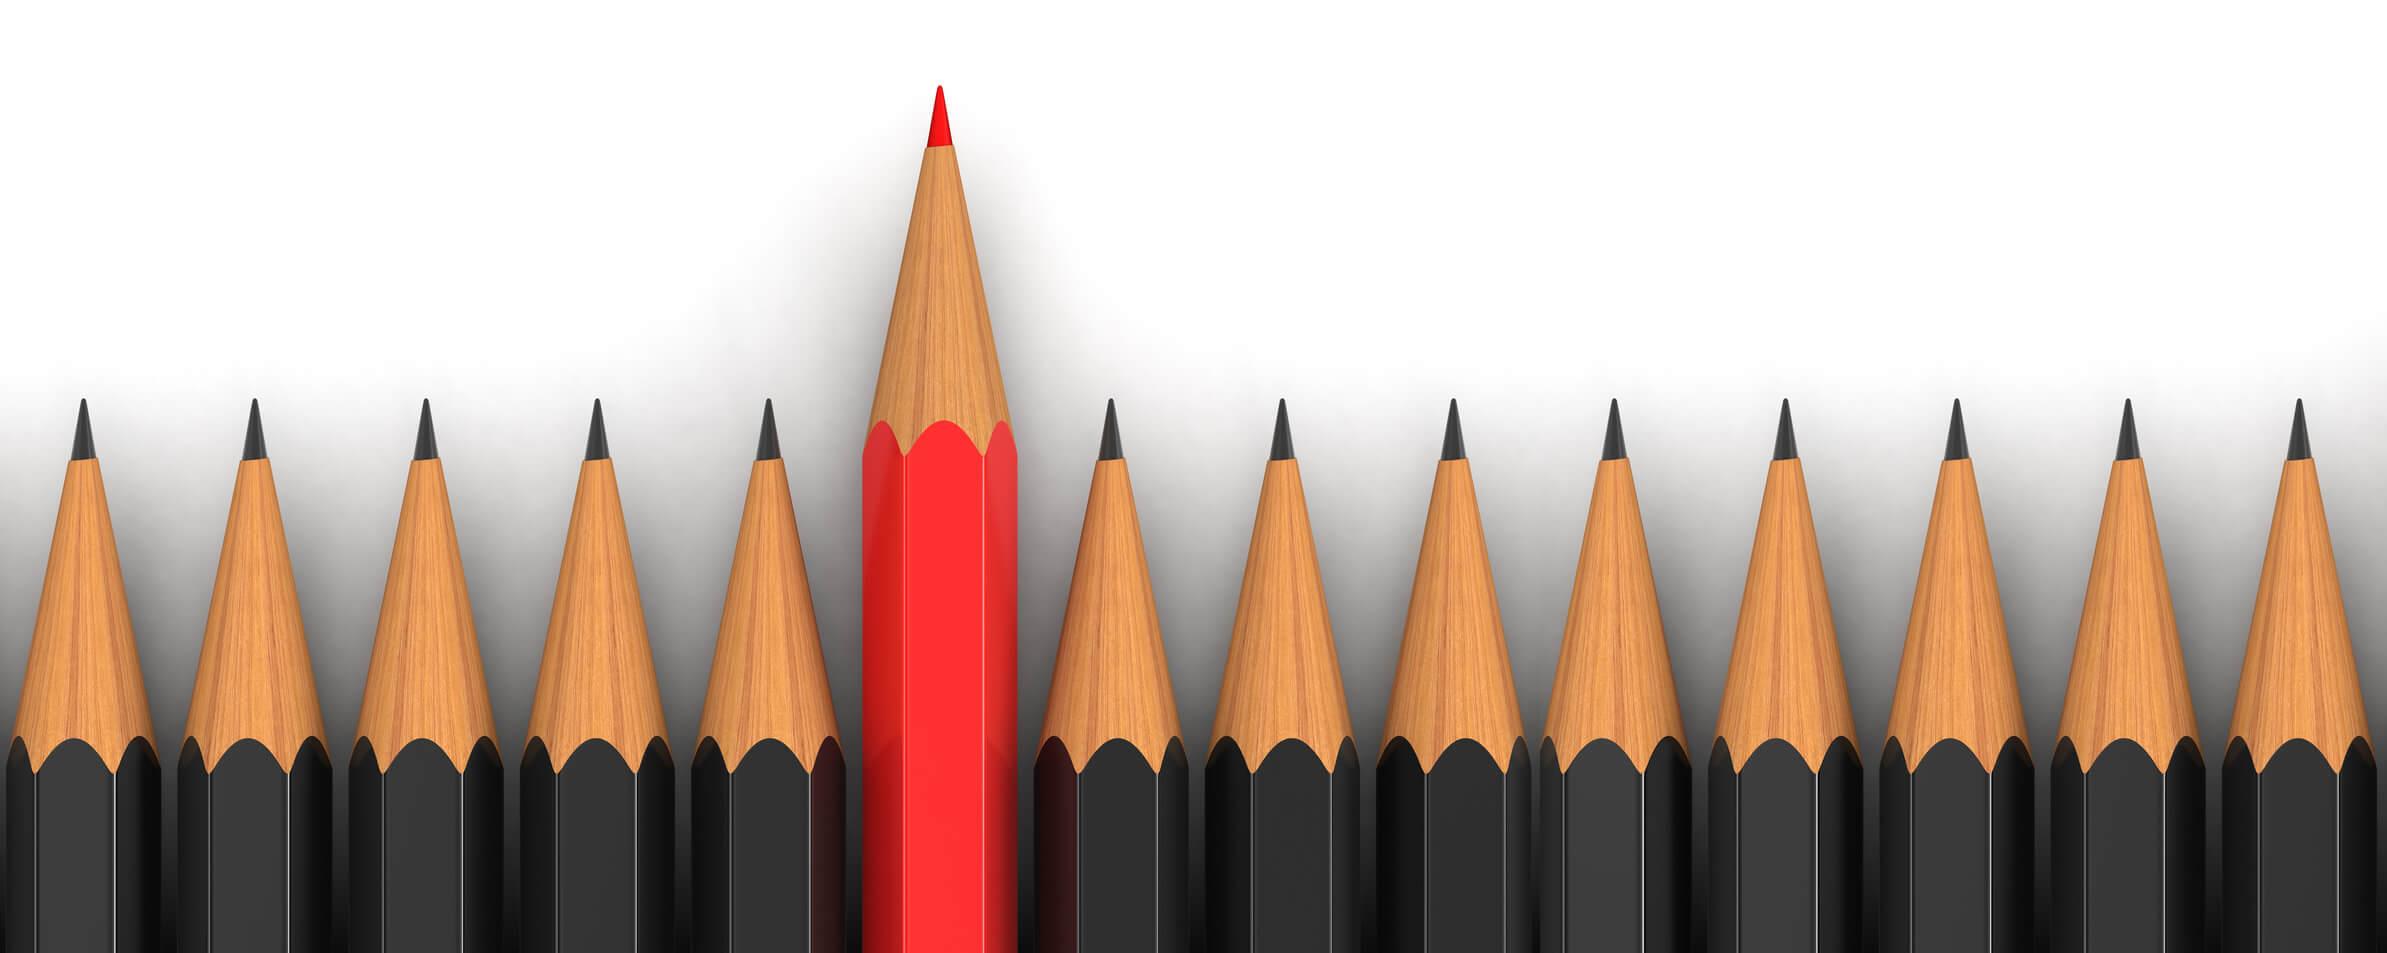 Quanto conta un logo efficace per una startup